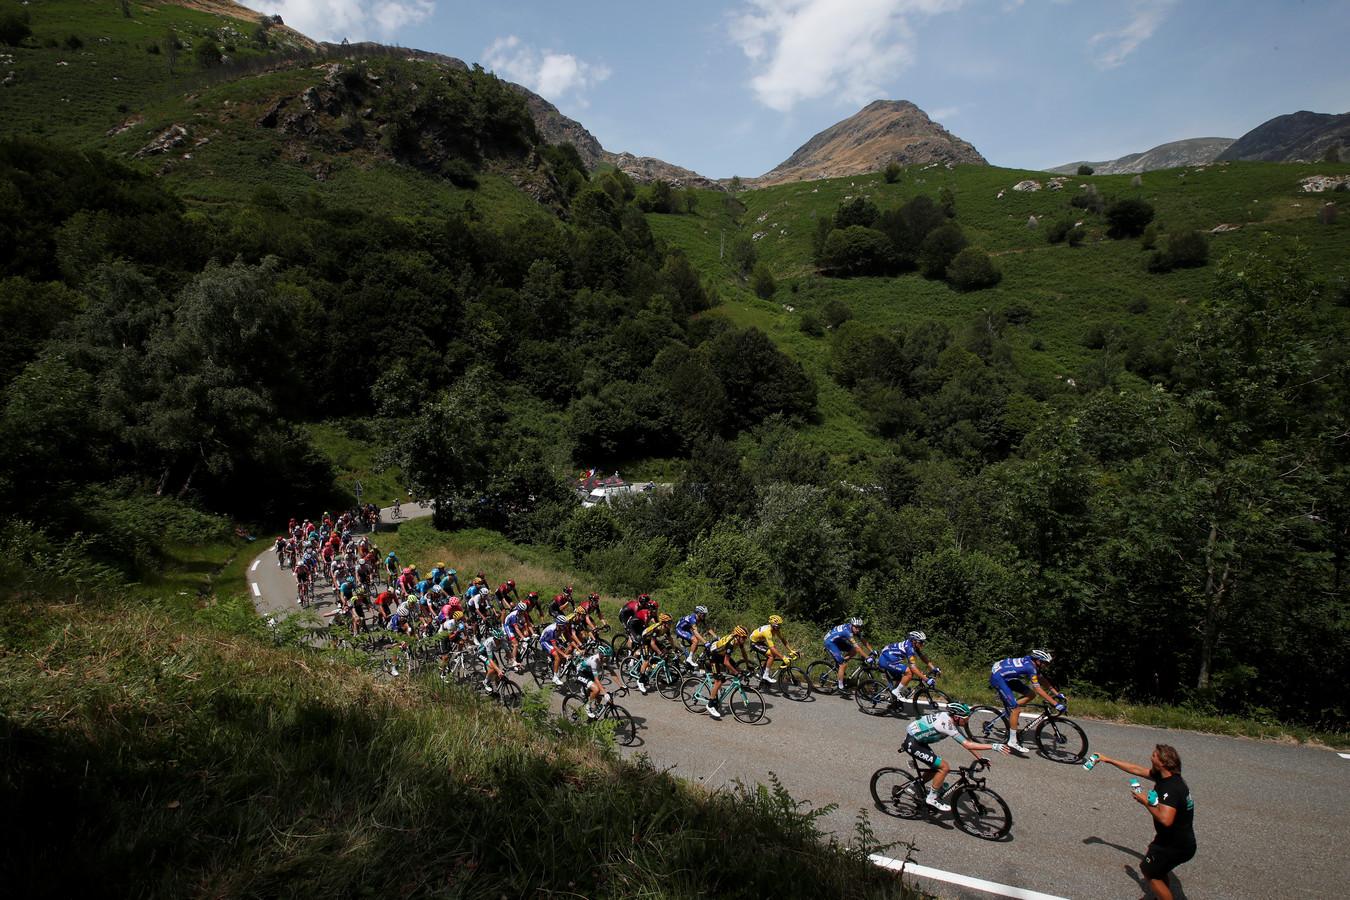 Het Tourpeloton heeft er een zware vierdaagse in de Pyreneeën opzitten.